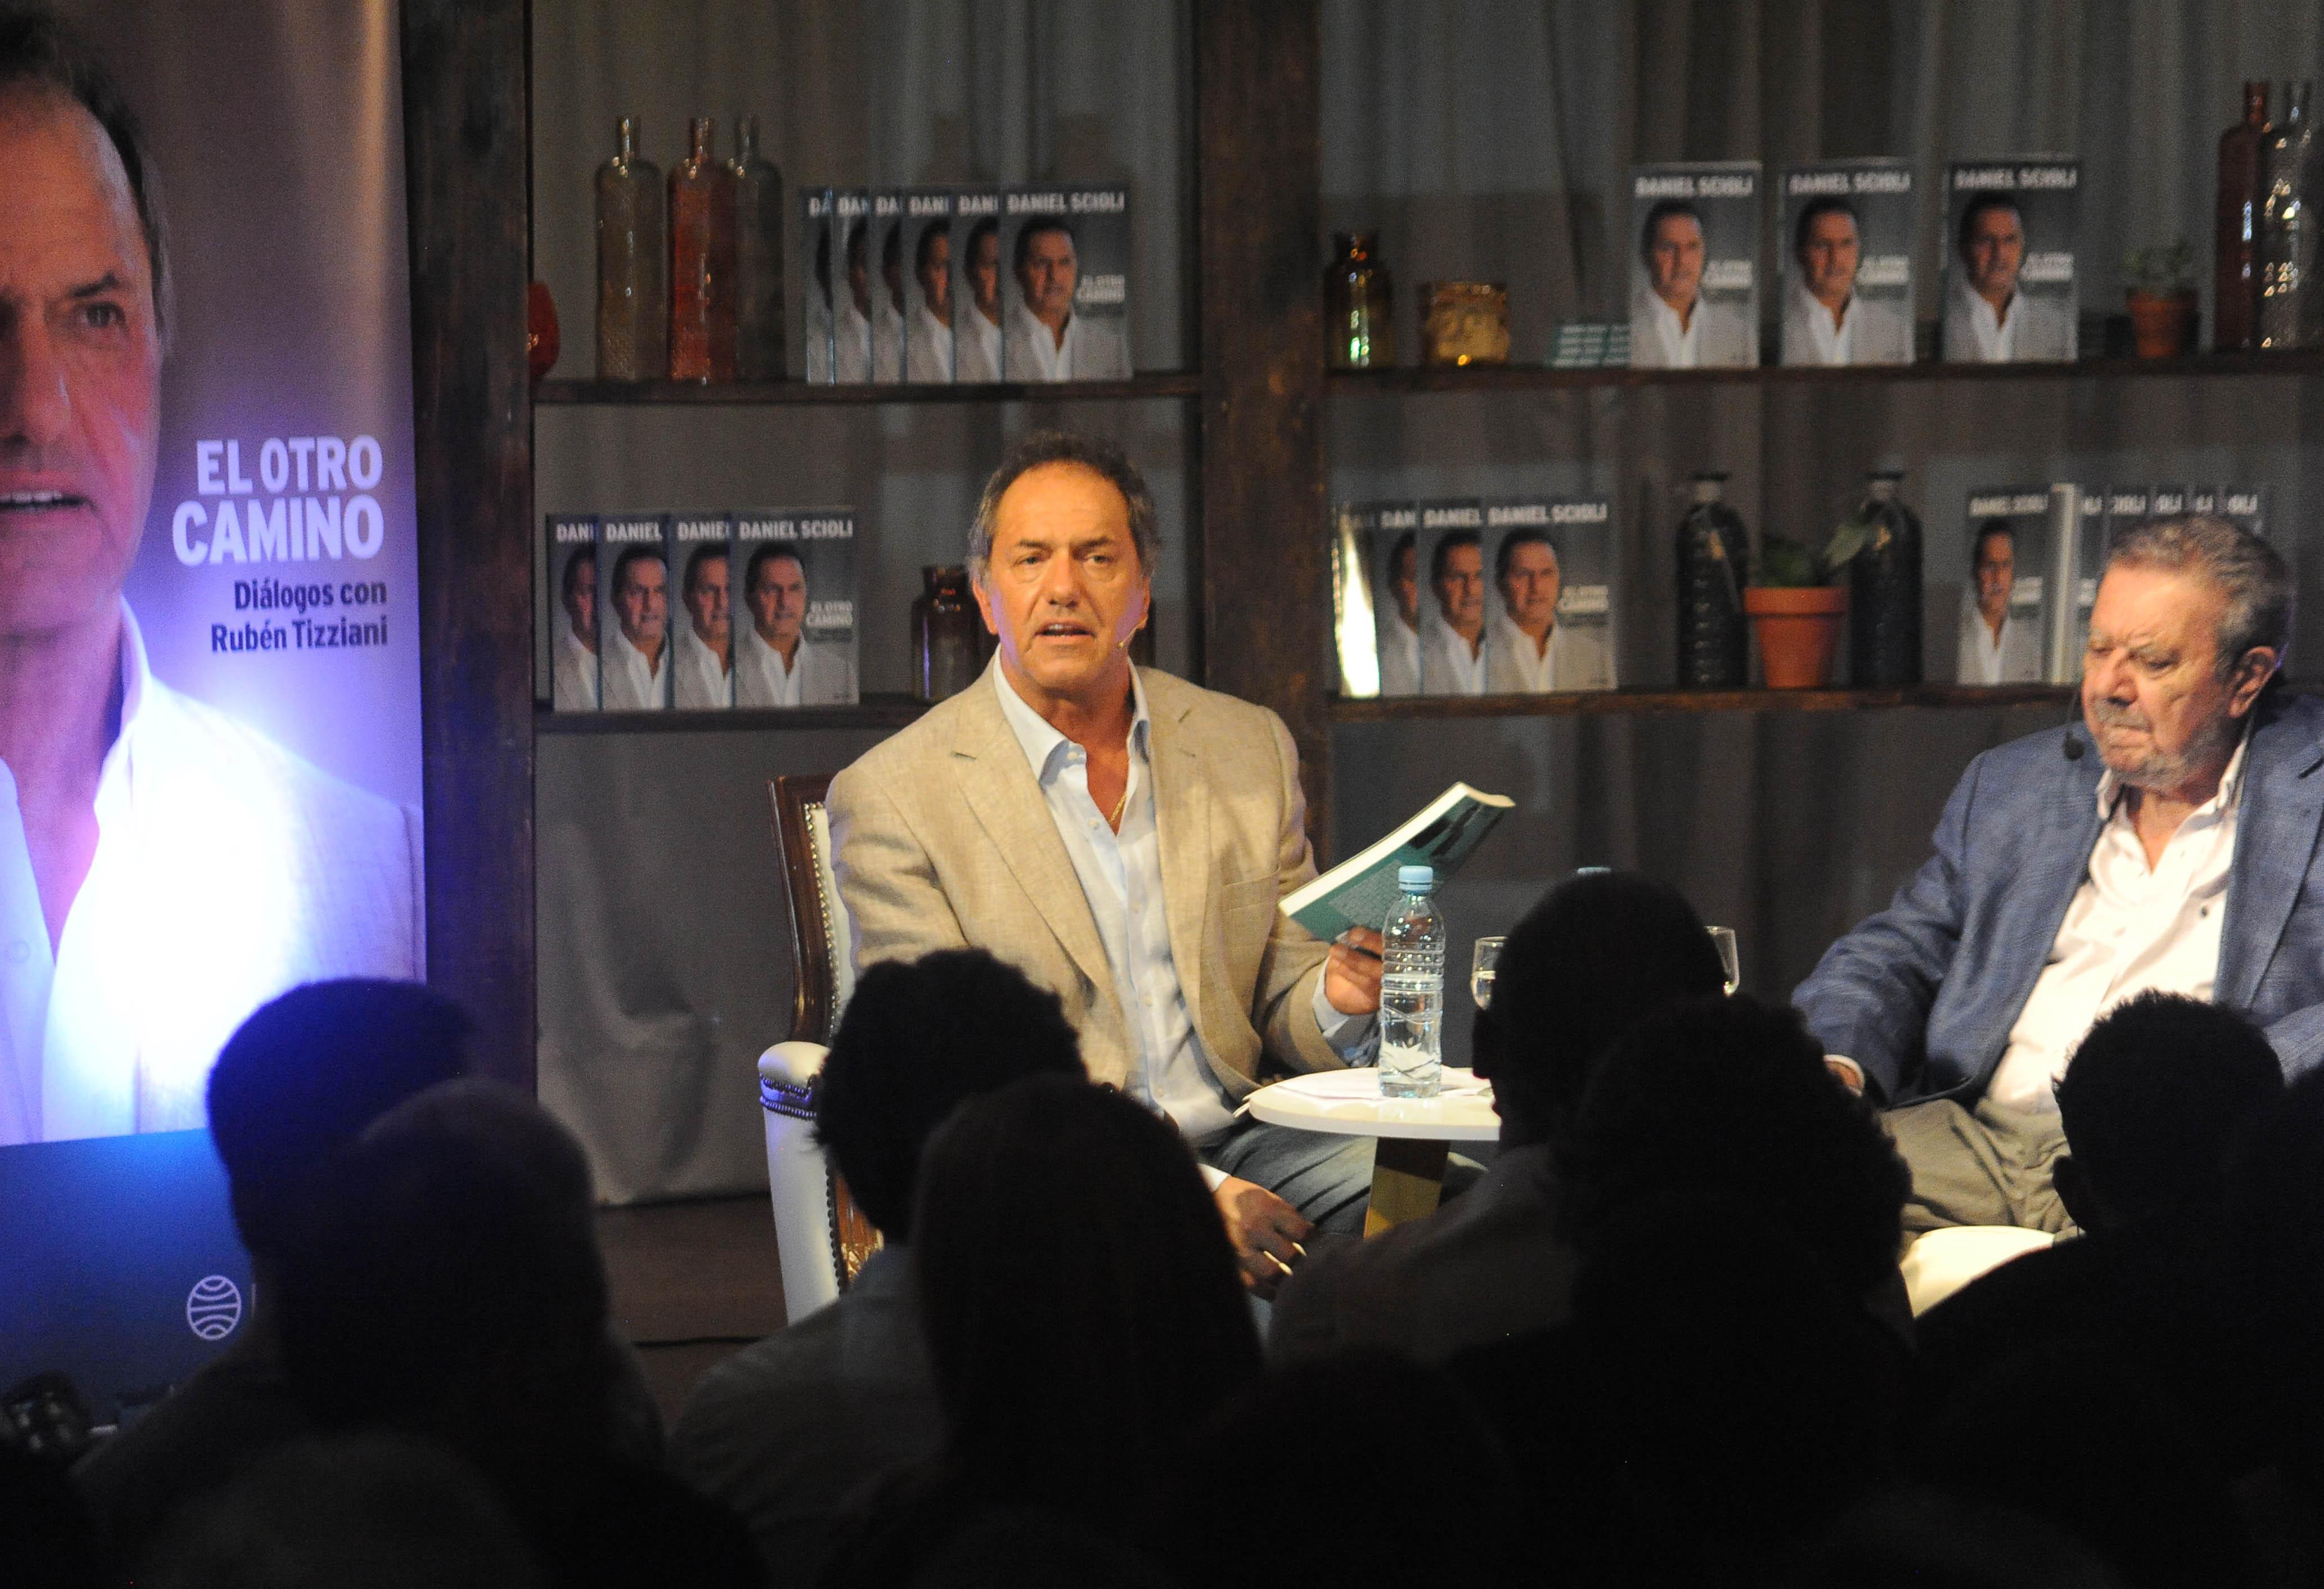 """Scioli presentó su libro """"El Otro Camino"""", con una visión social de la política y sin hablar de candidaturas"""